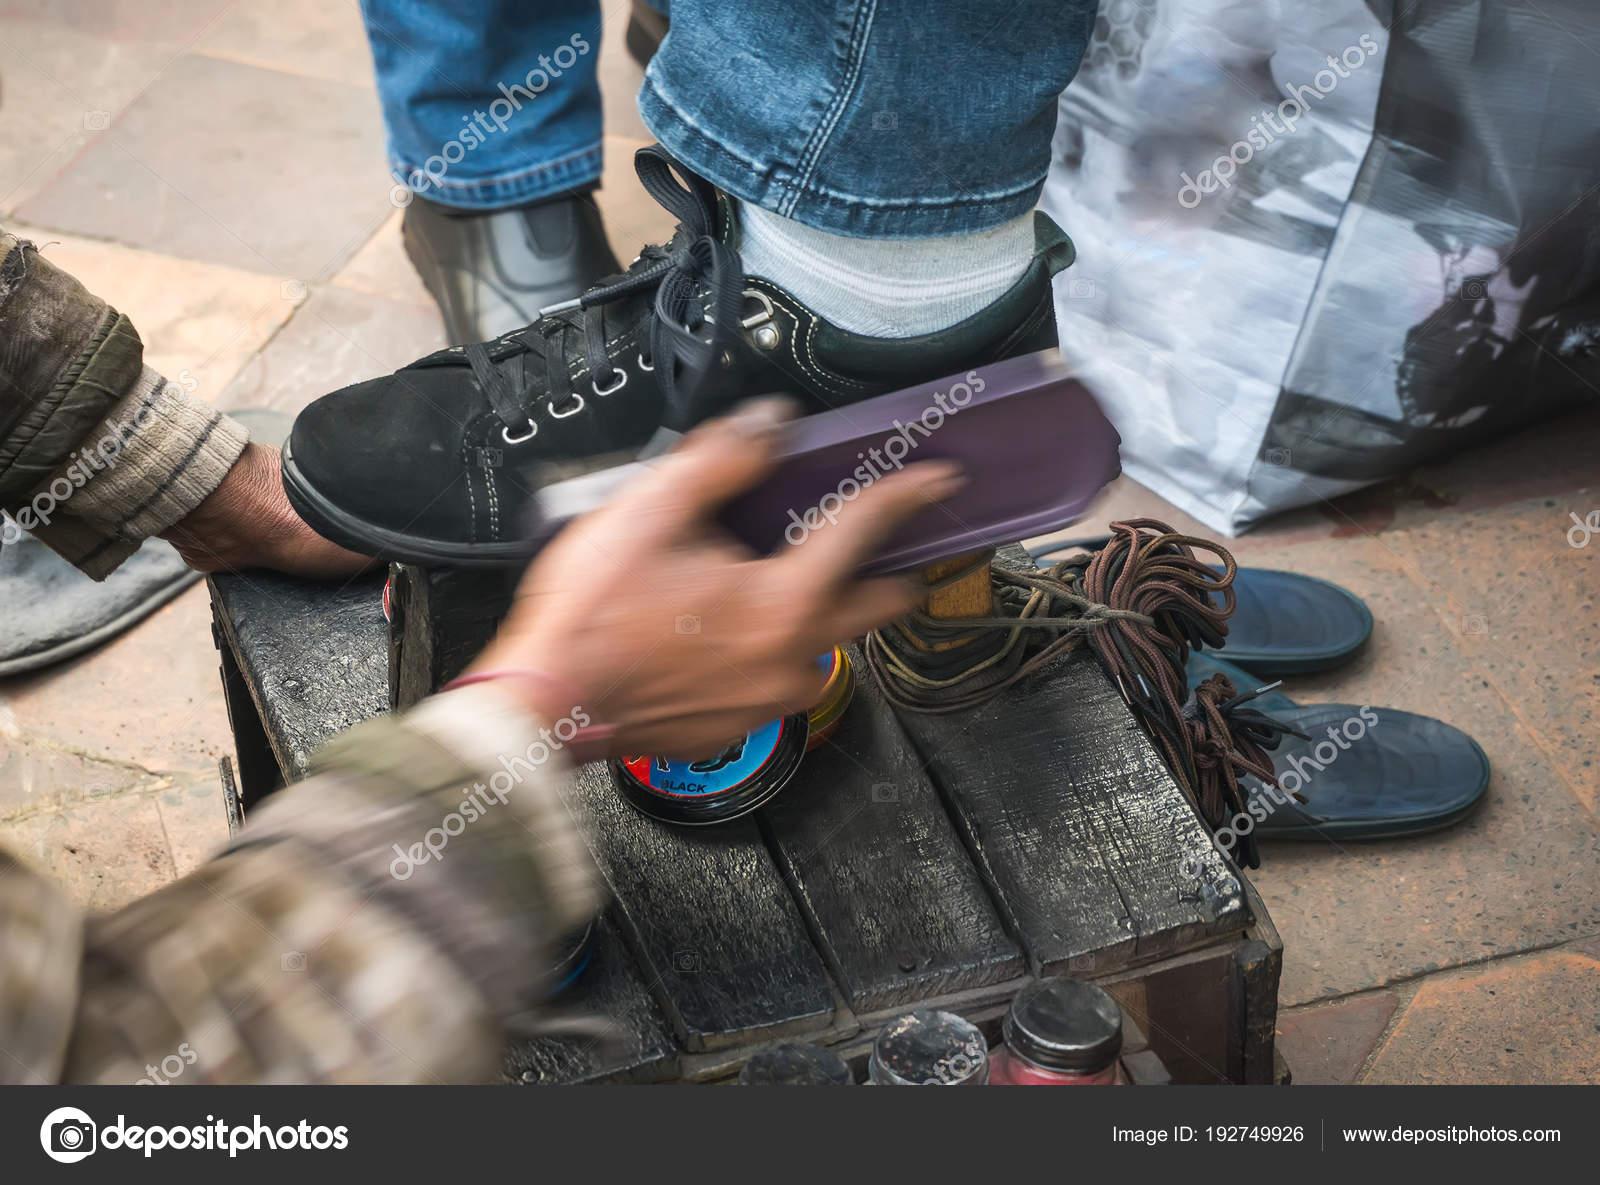 fd1406122 Hombre limpieza zapatos de cliente en el pavimento de la ciudad — Foto de  Stock